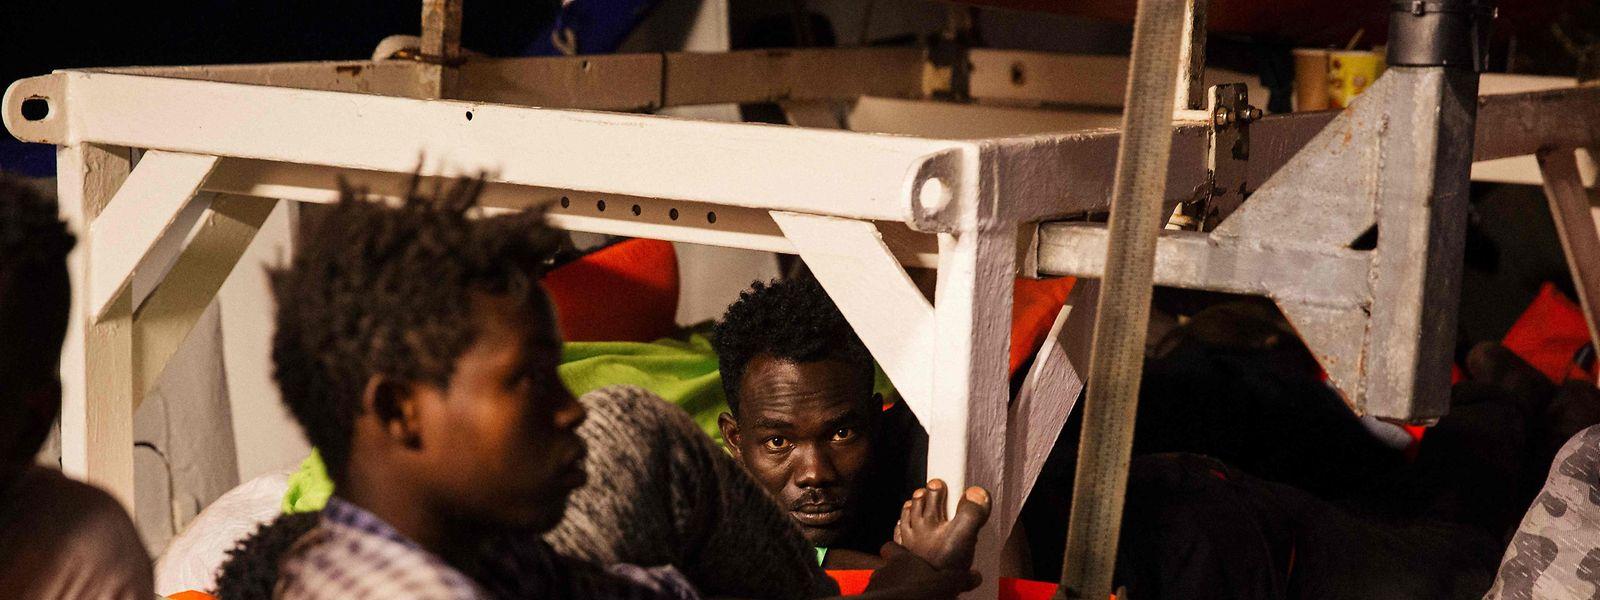 An Bord des Schiffes warten 234 gerettete Flüchtlinge auf ein ungewisses Schicksal.